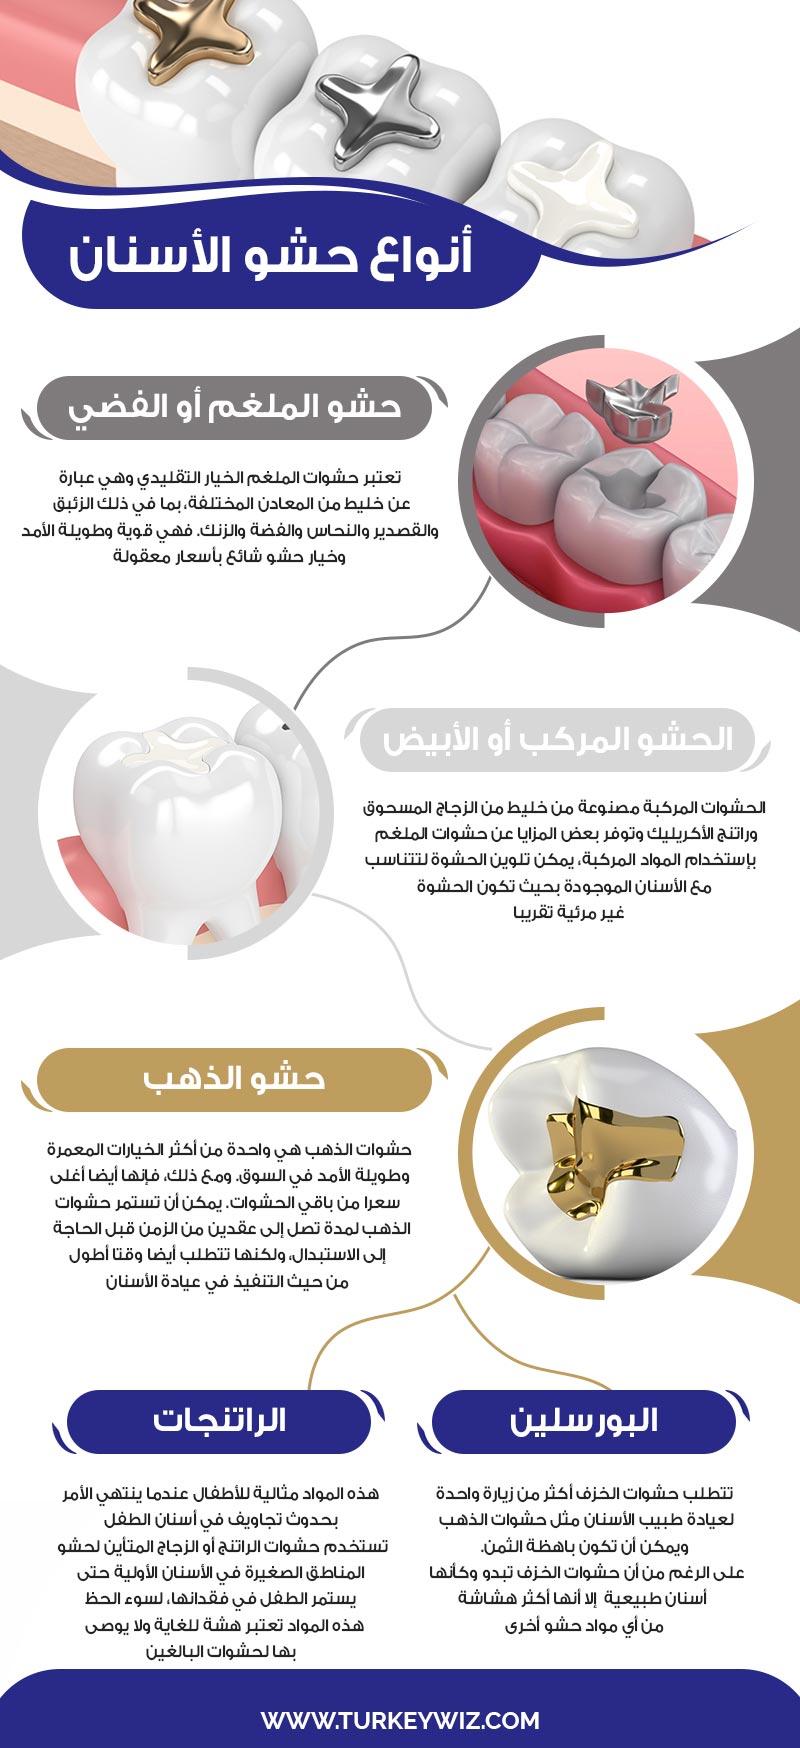 المواد المختلفة المستخدمة في حشو الأسنان